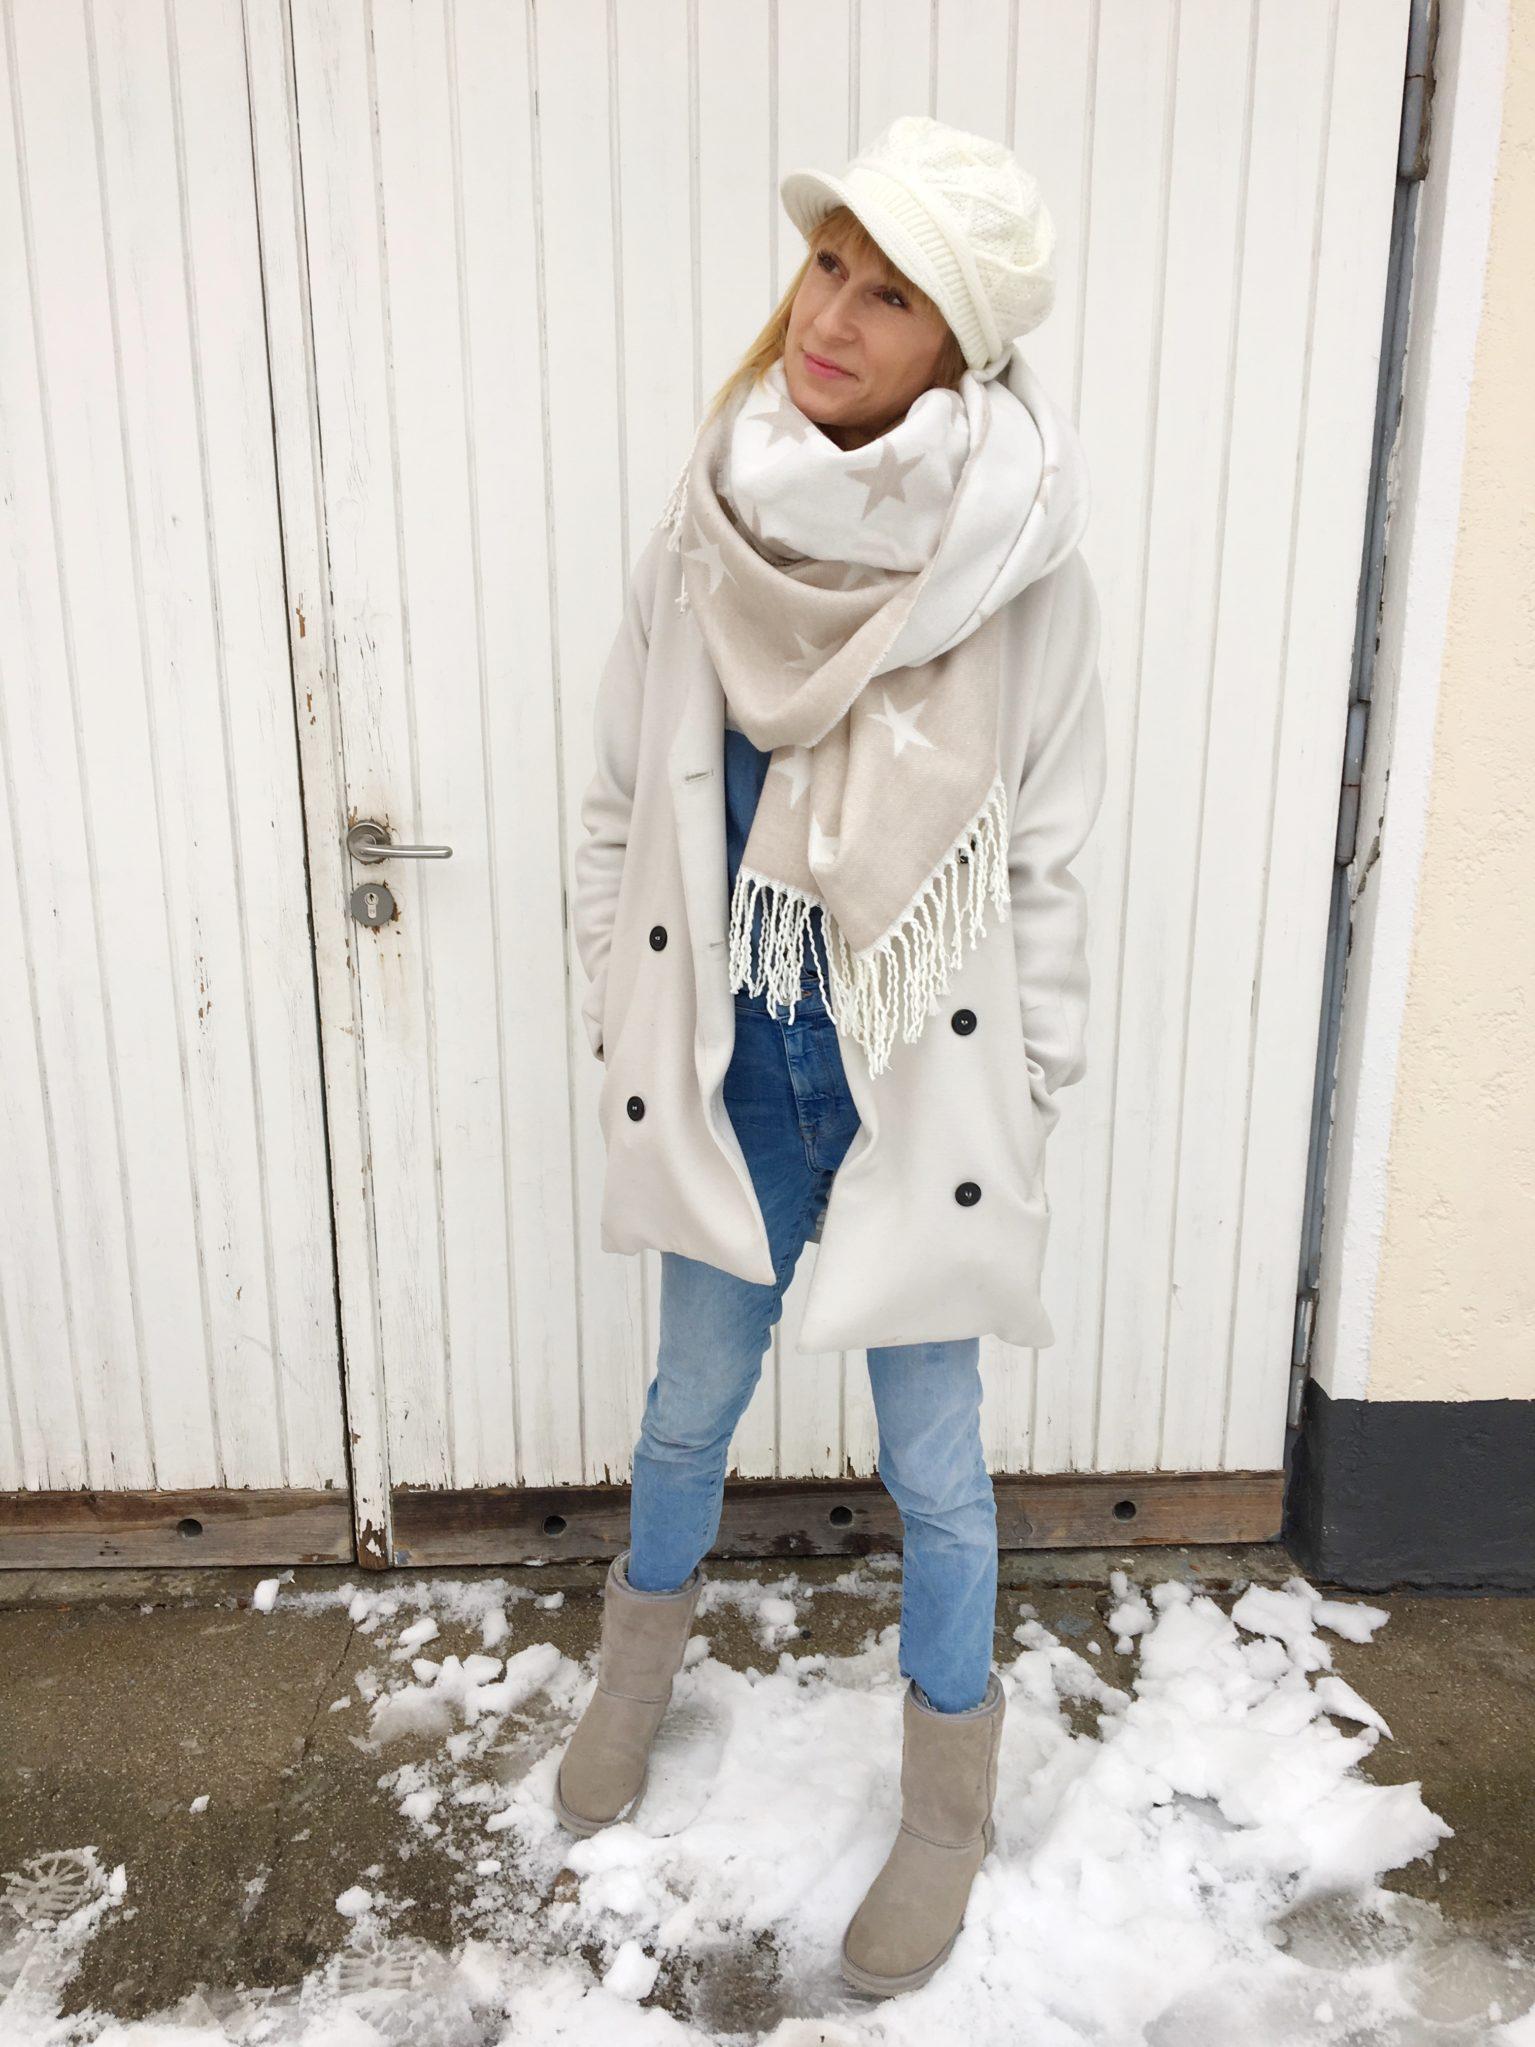 Winter Accessoires in beige und weiß.